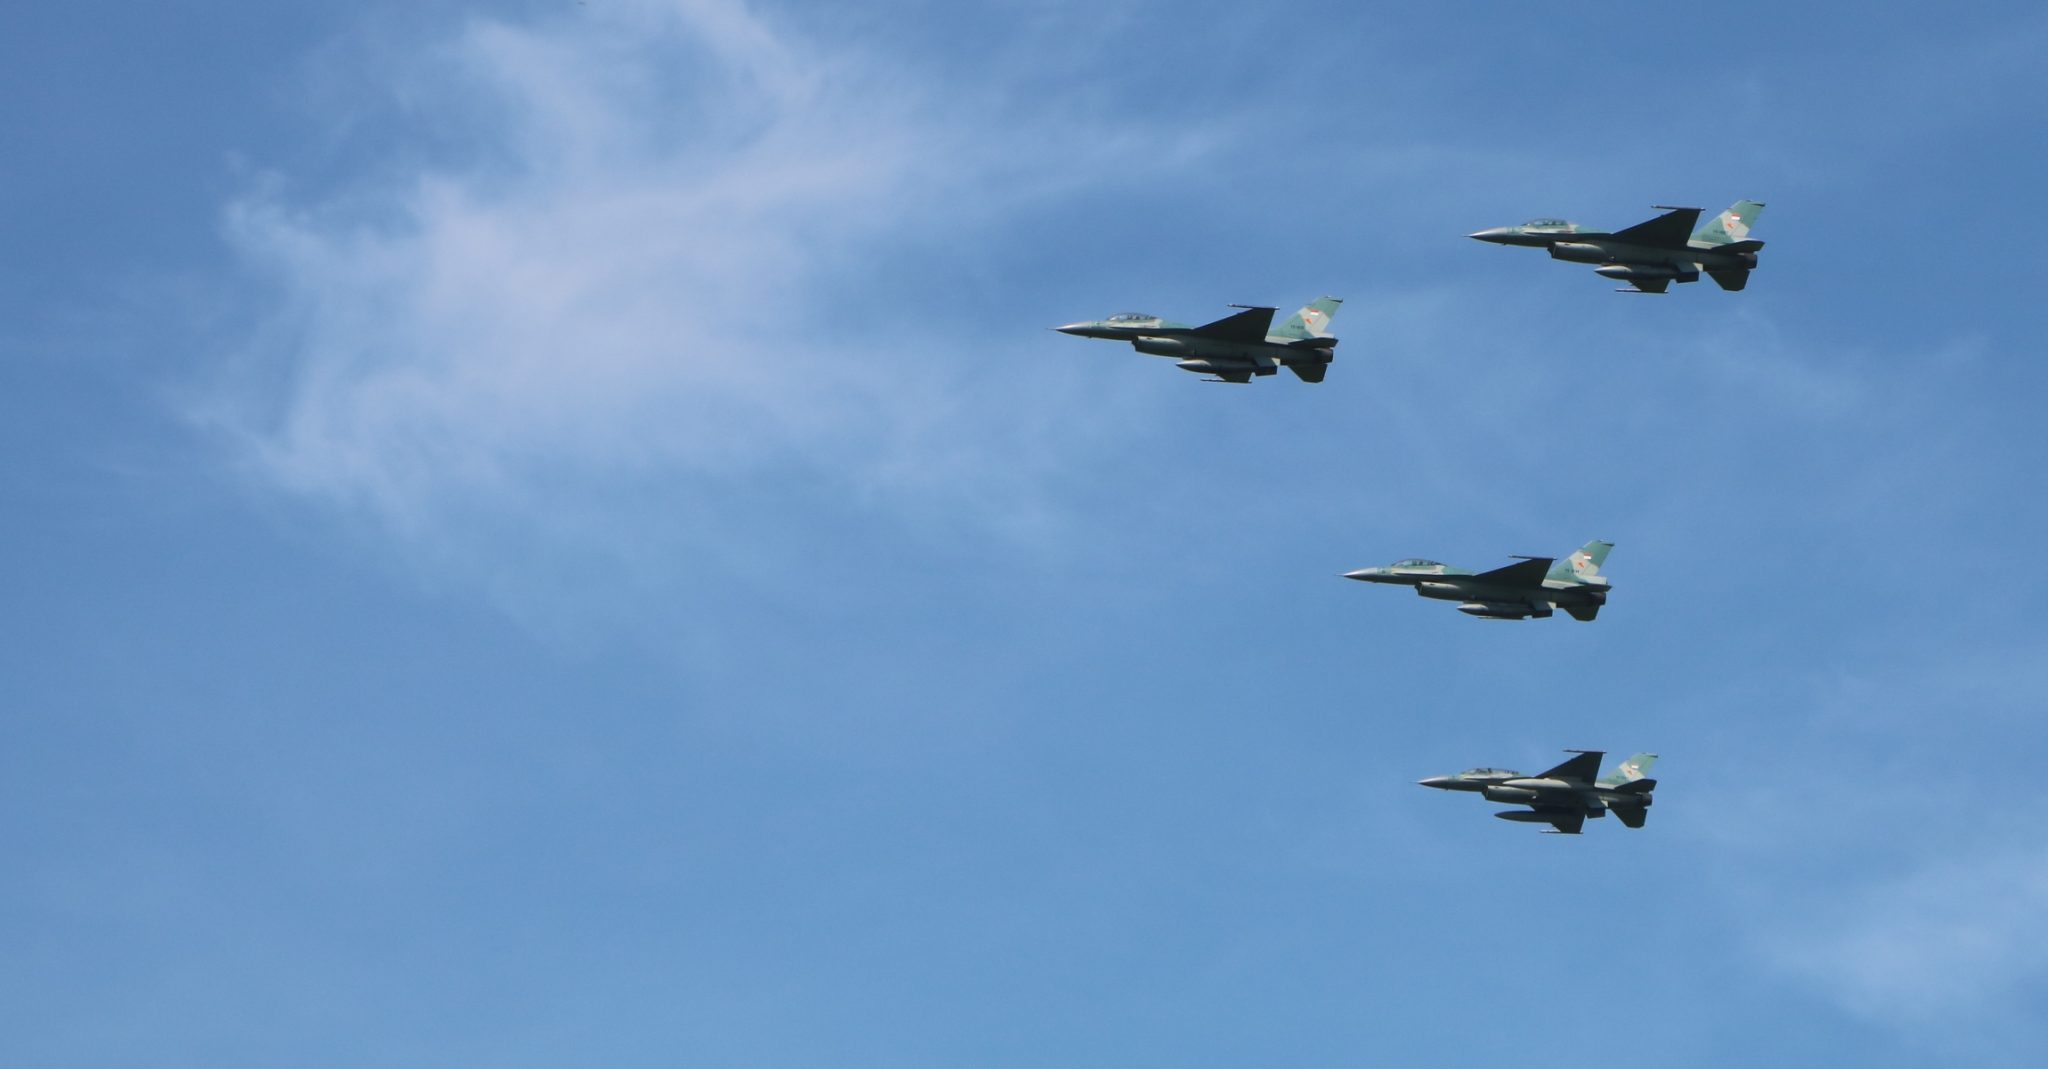 Pesawat F-16 Fighting Falcon Mengudara di Langit Aceh